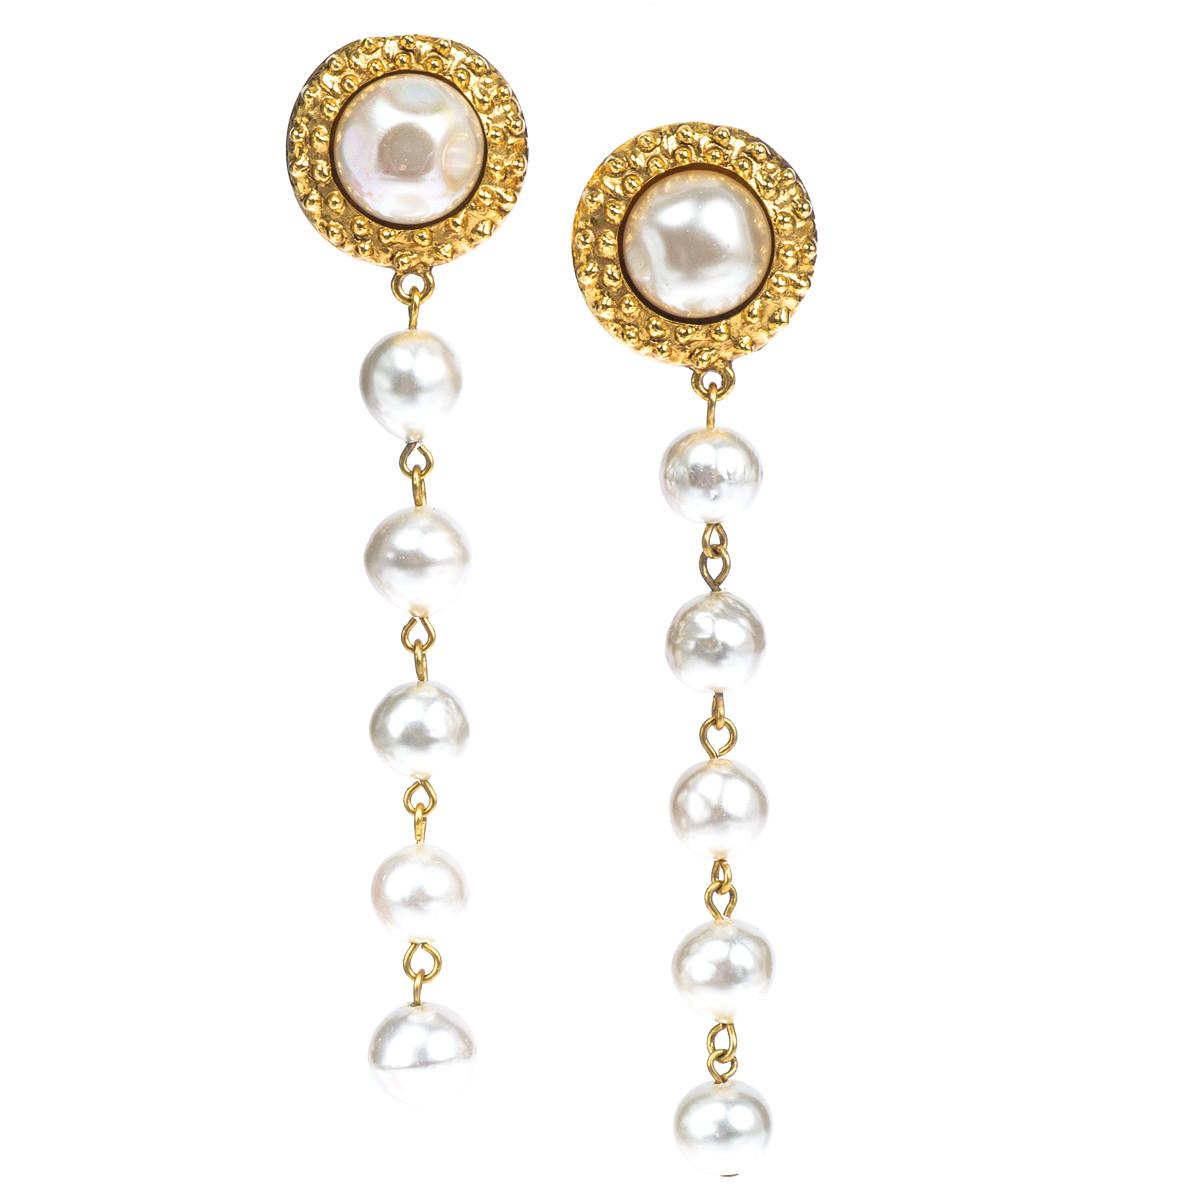 Vintage Chanel Pearl Earrings Gallery Image